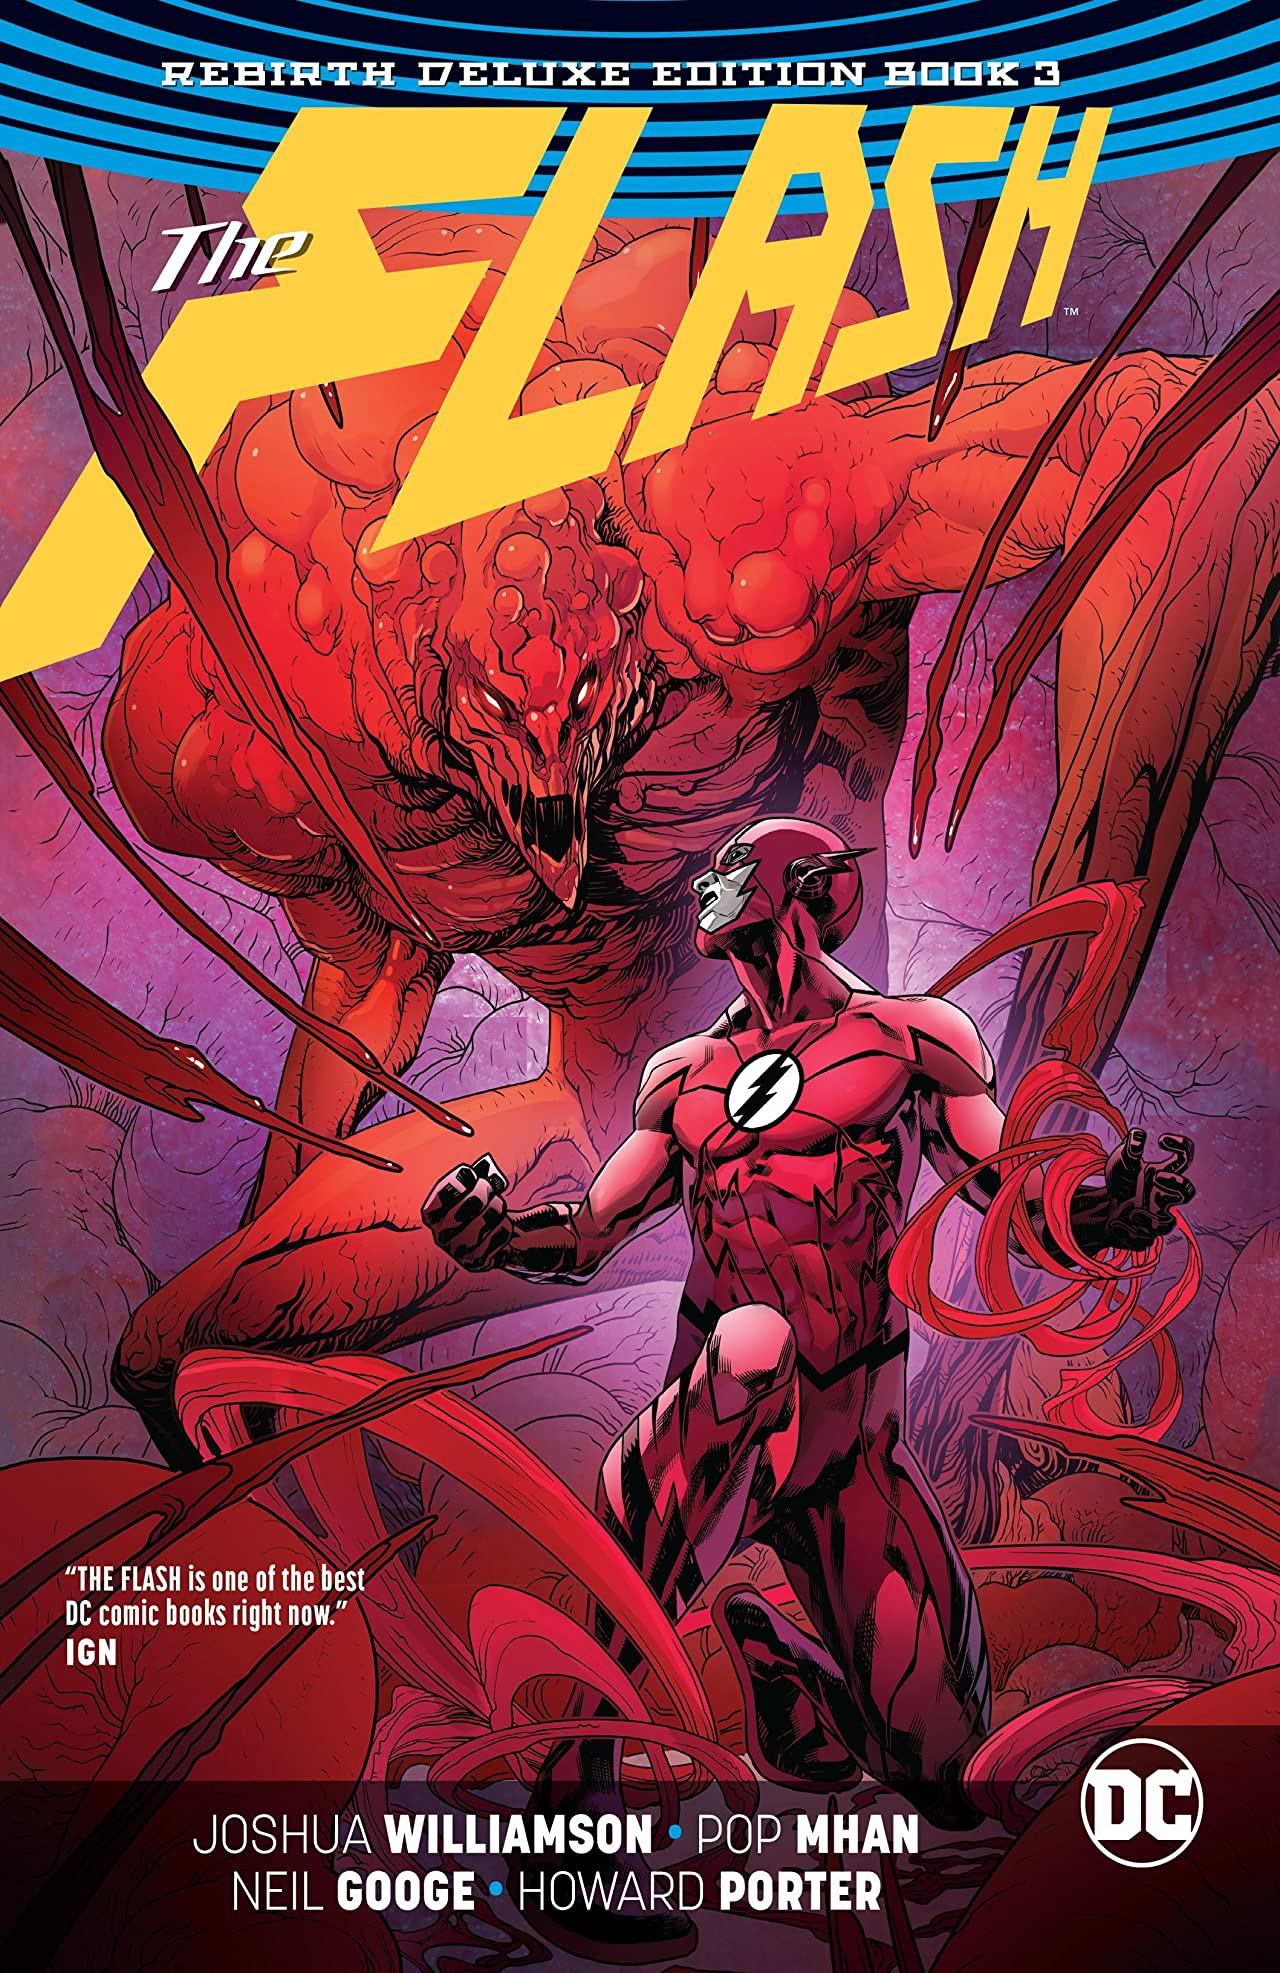 The Flash: Rebirth Deluxe Edition Book 3